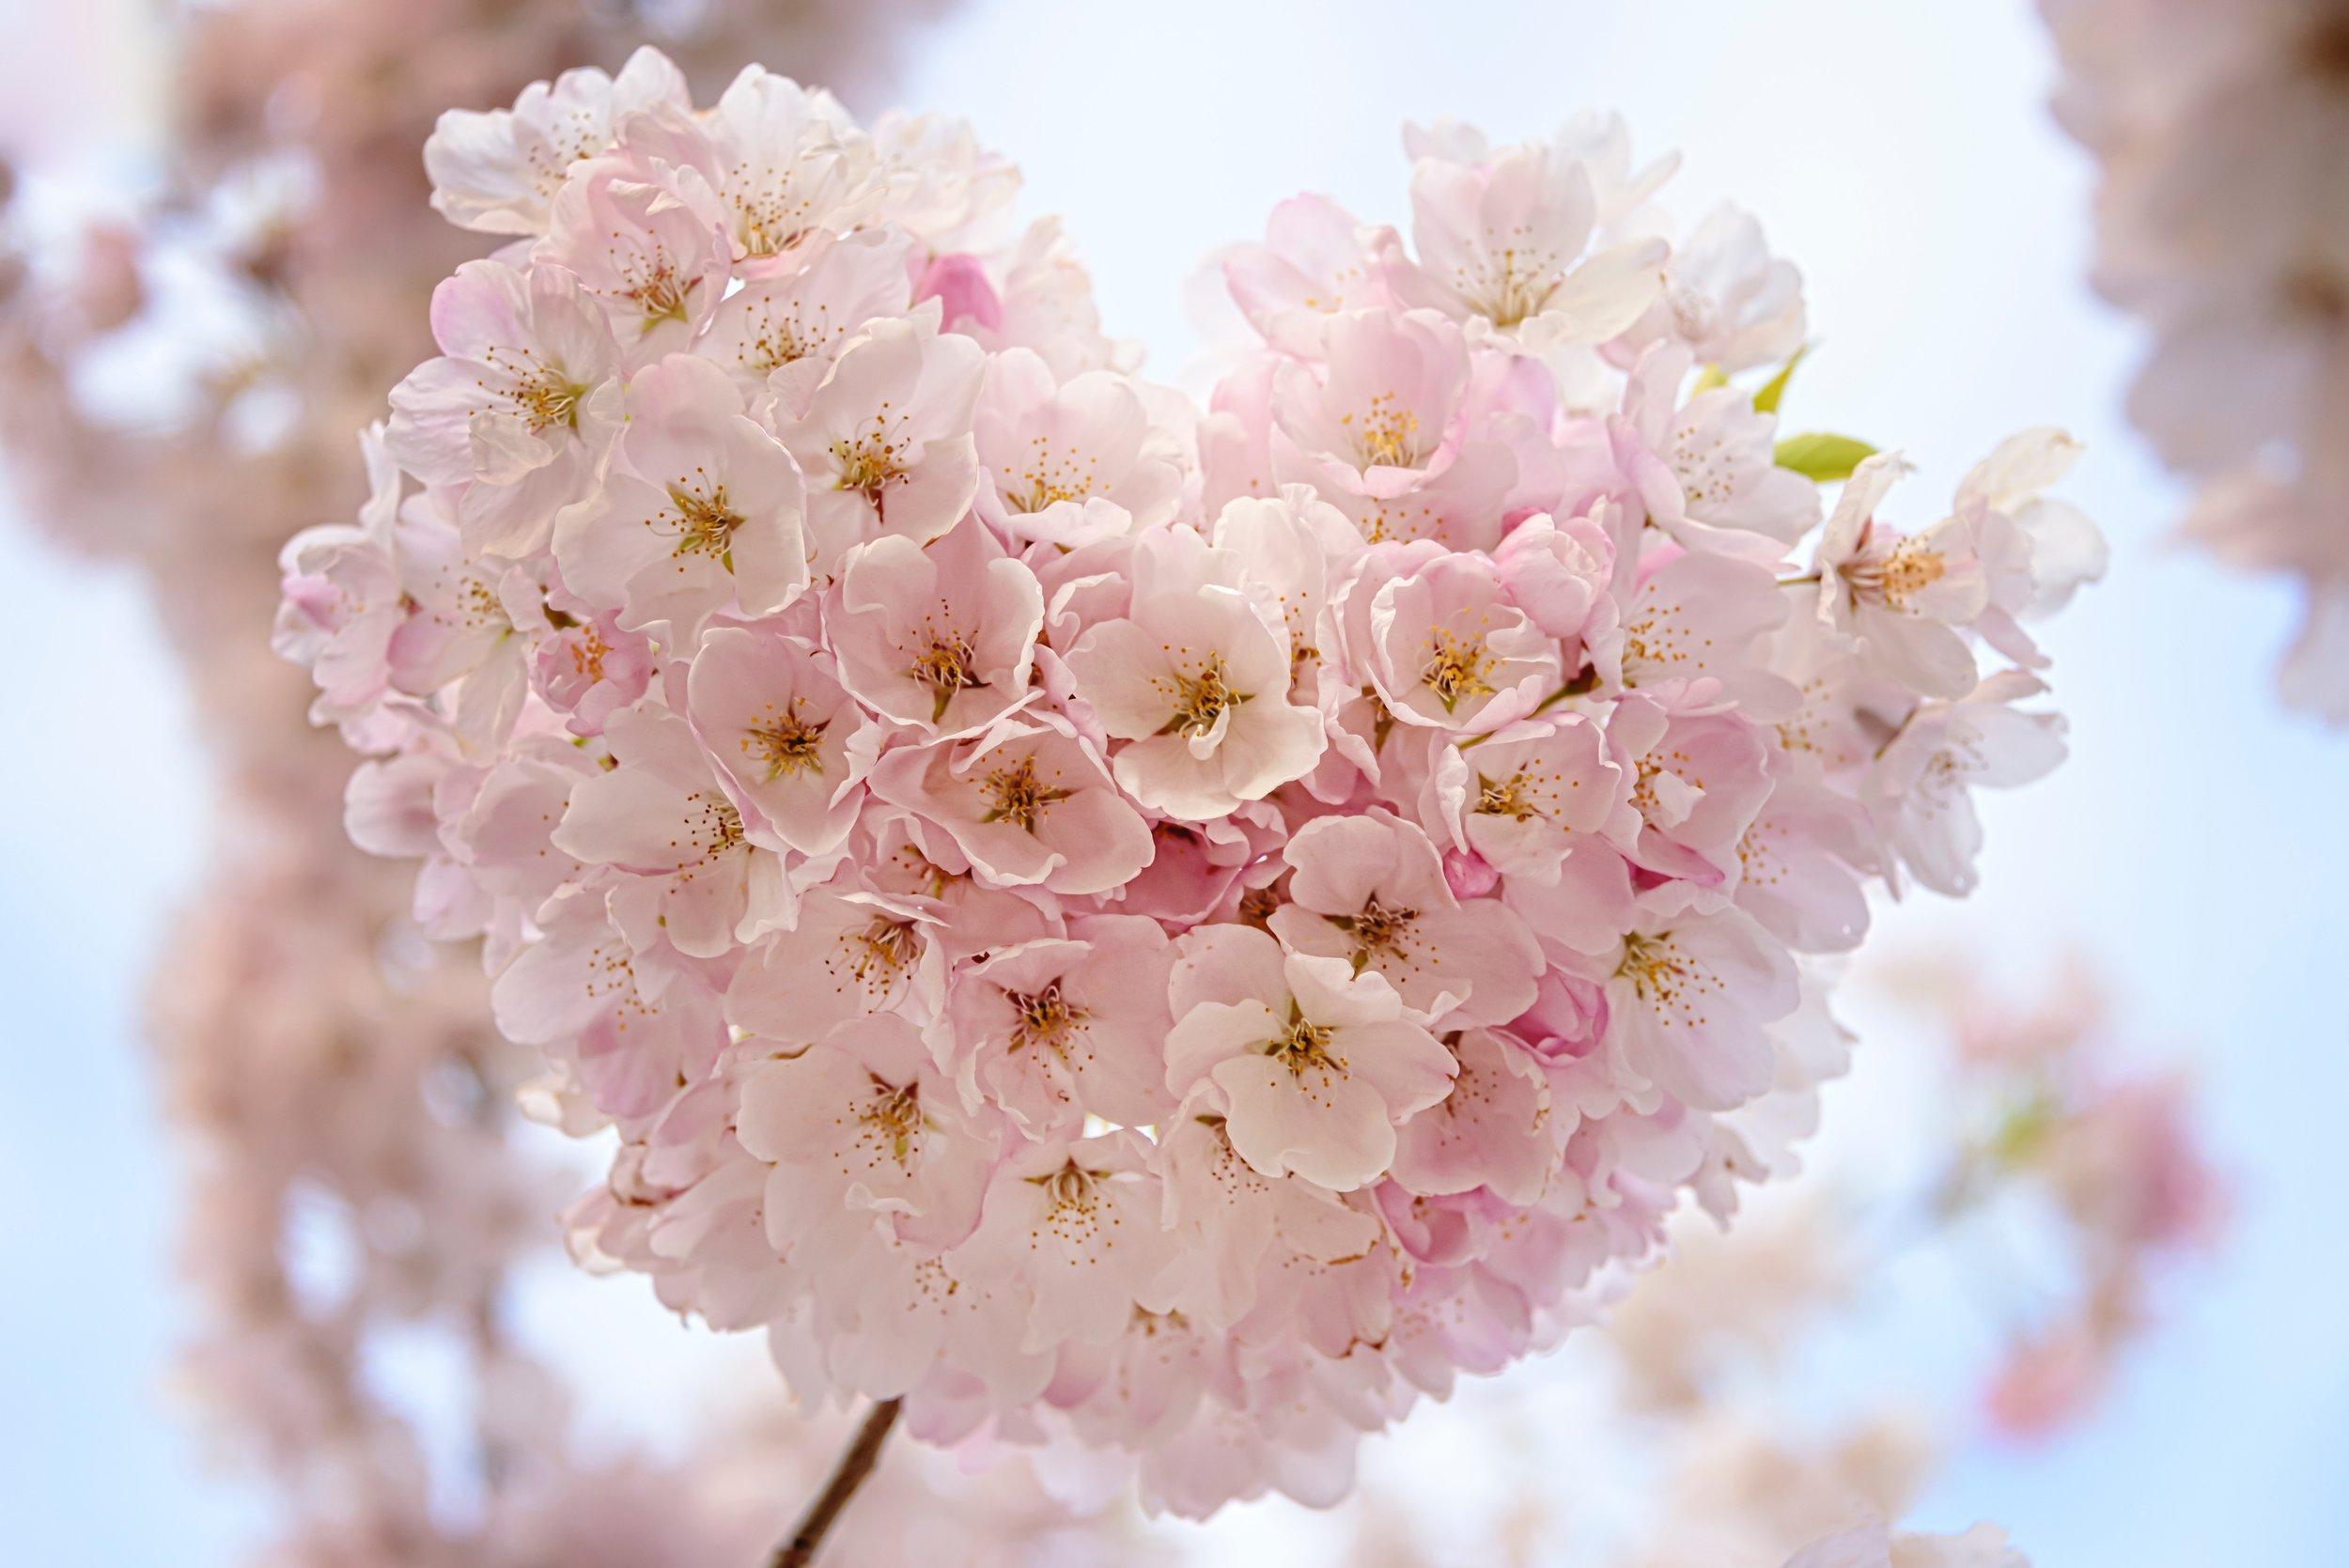 faye-cornish-heart-in-blossom.jpg